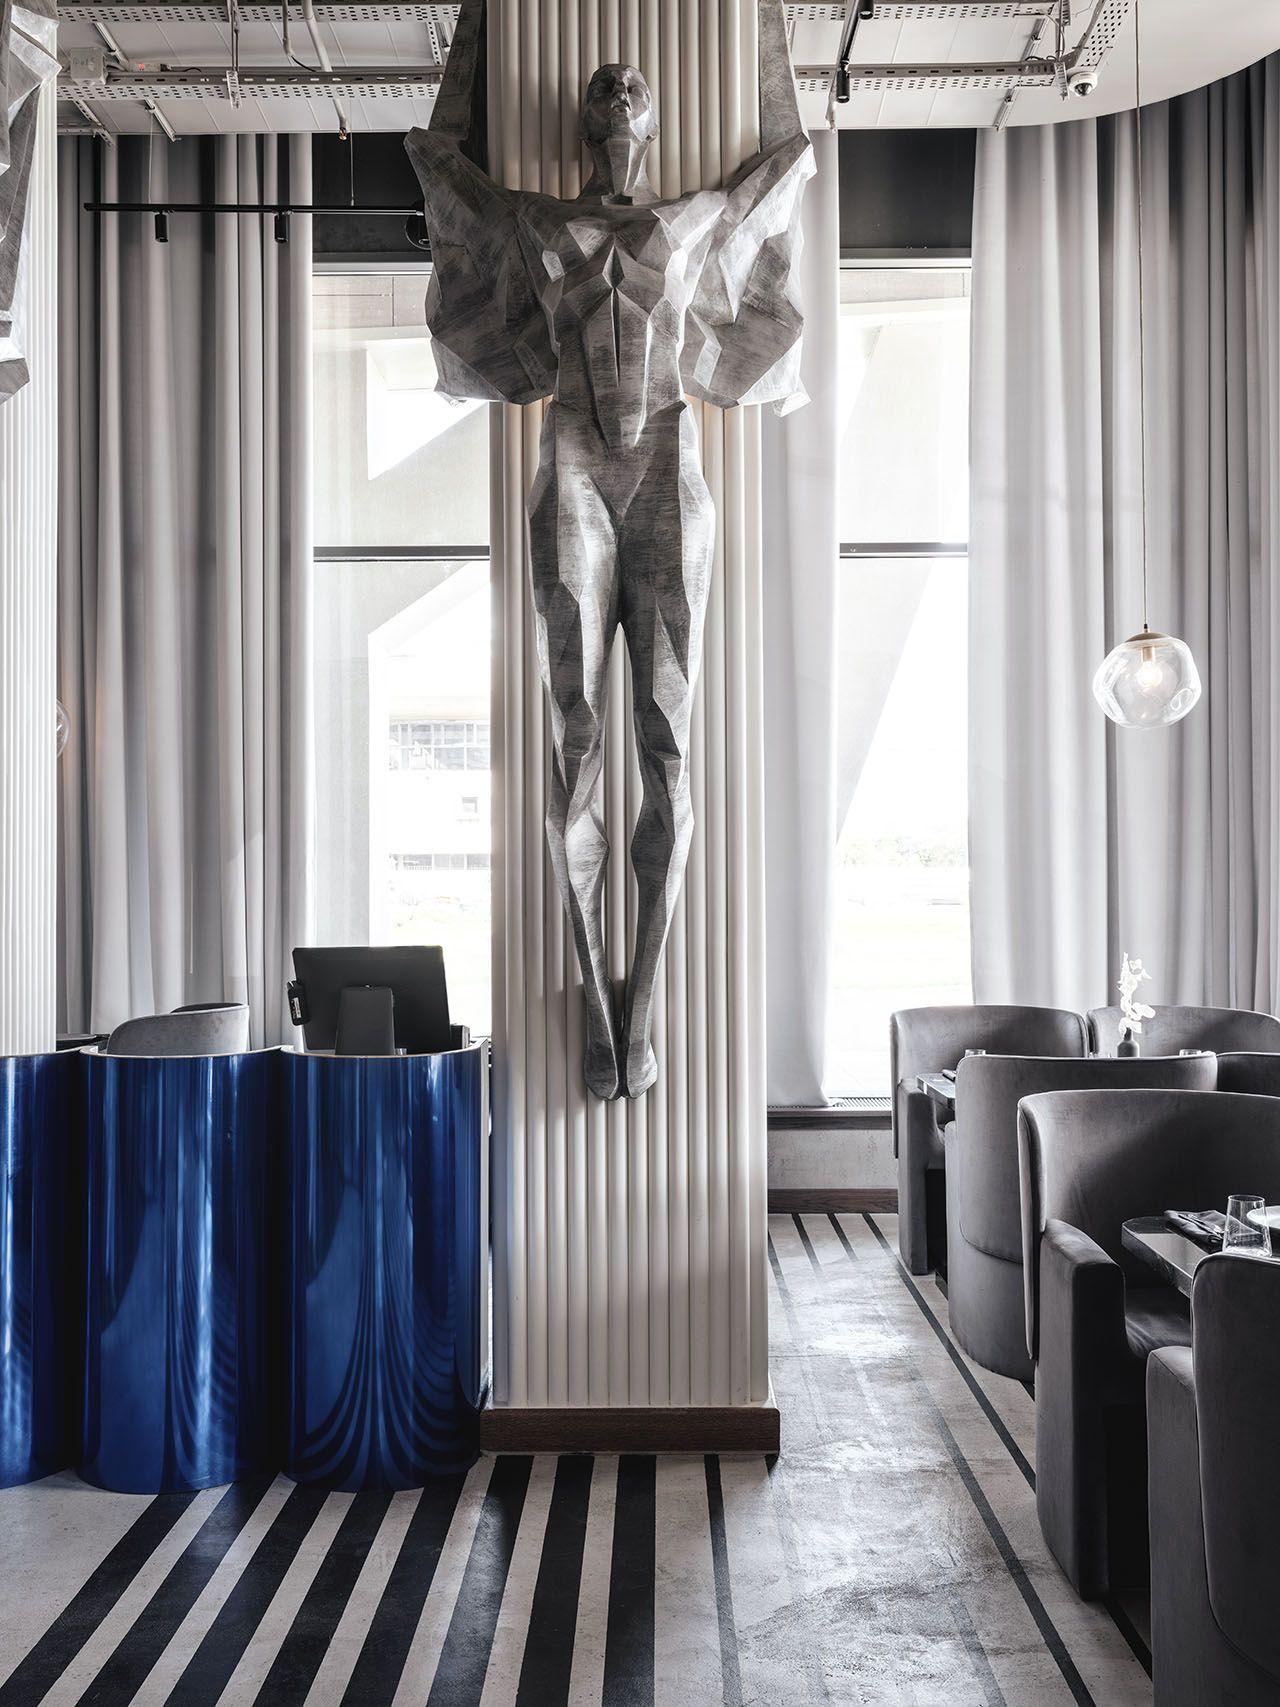 Moscow's Polet Café Celebrates Soviet Aviation Heritage